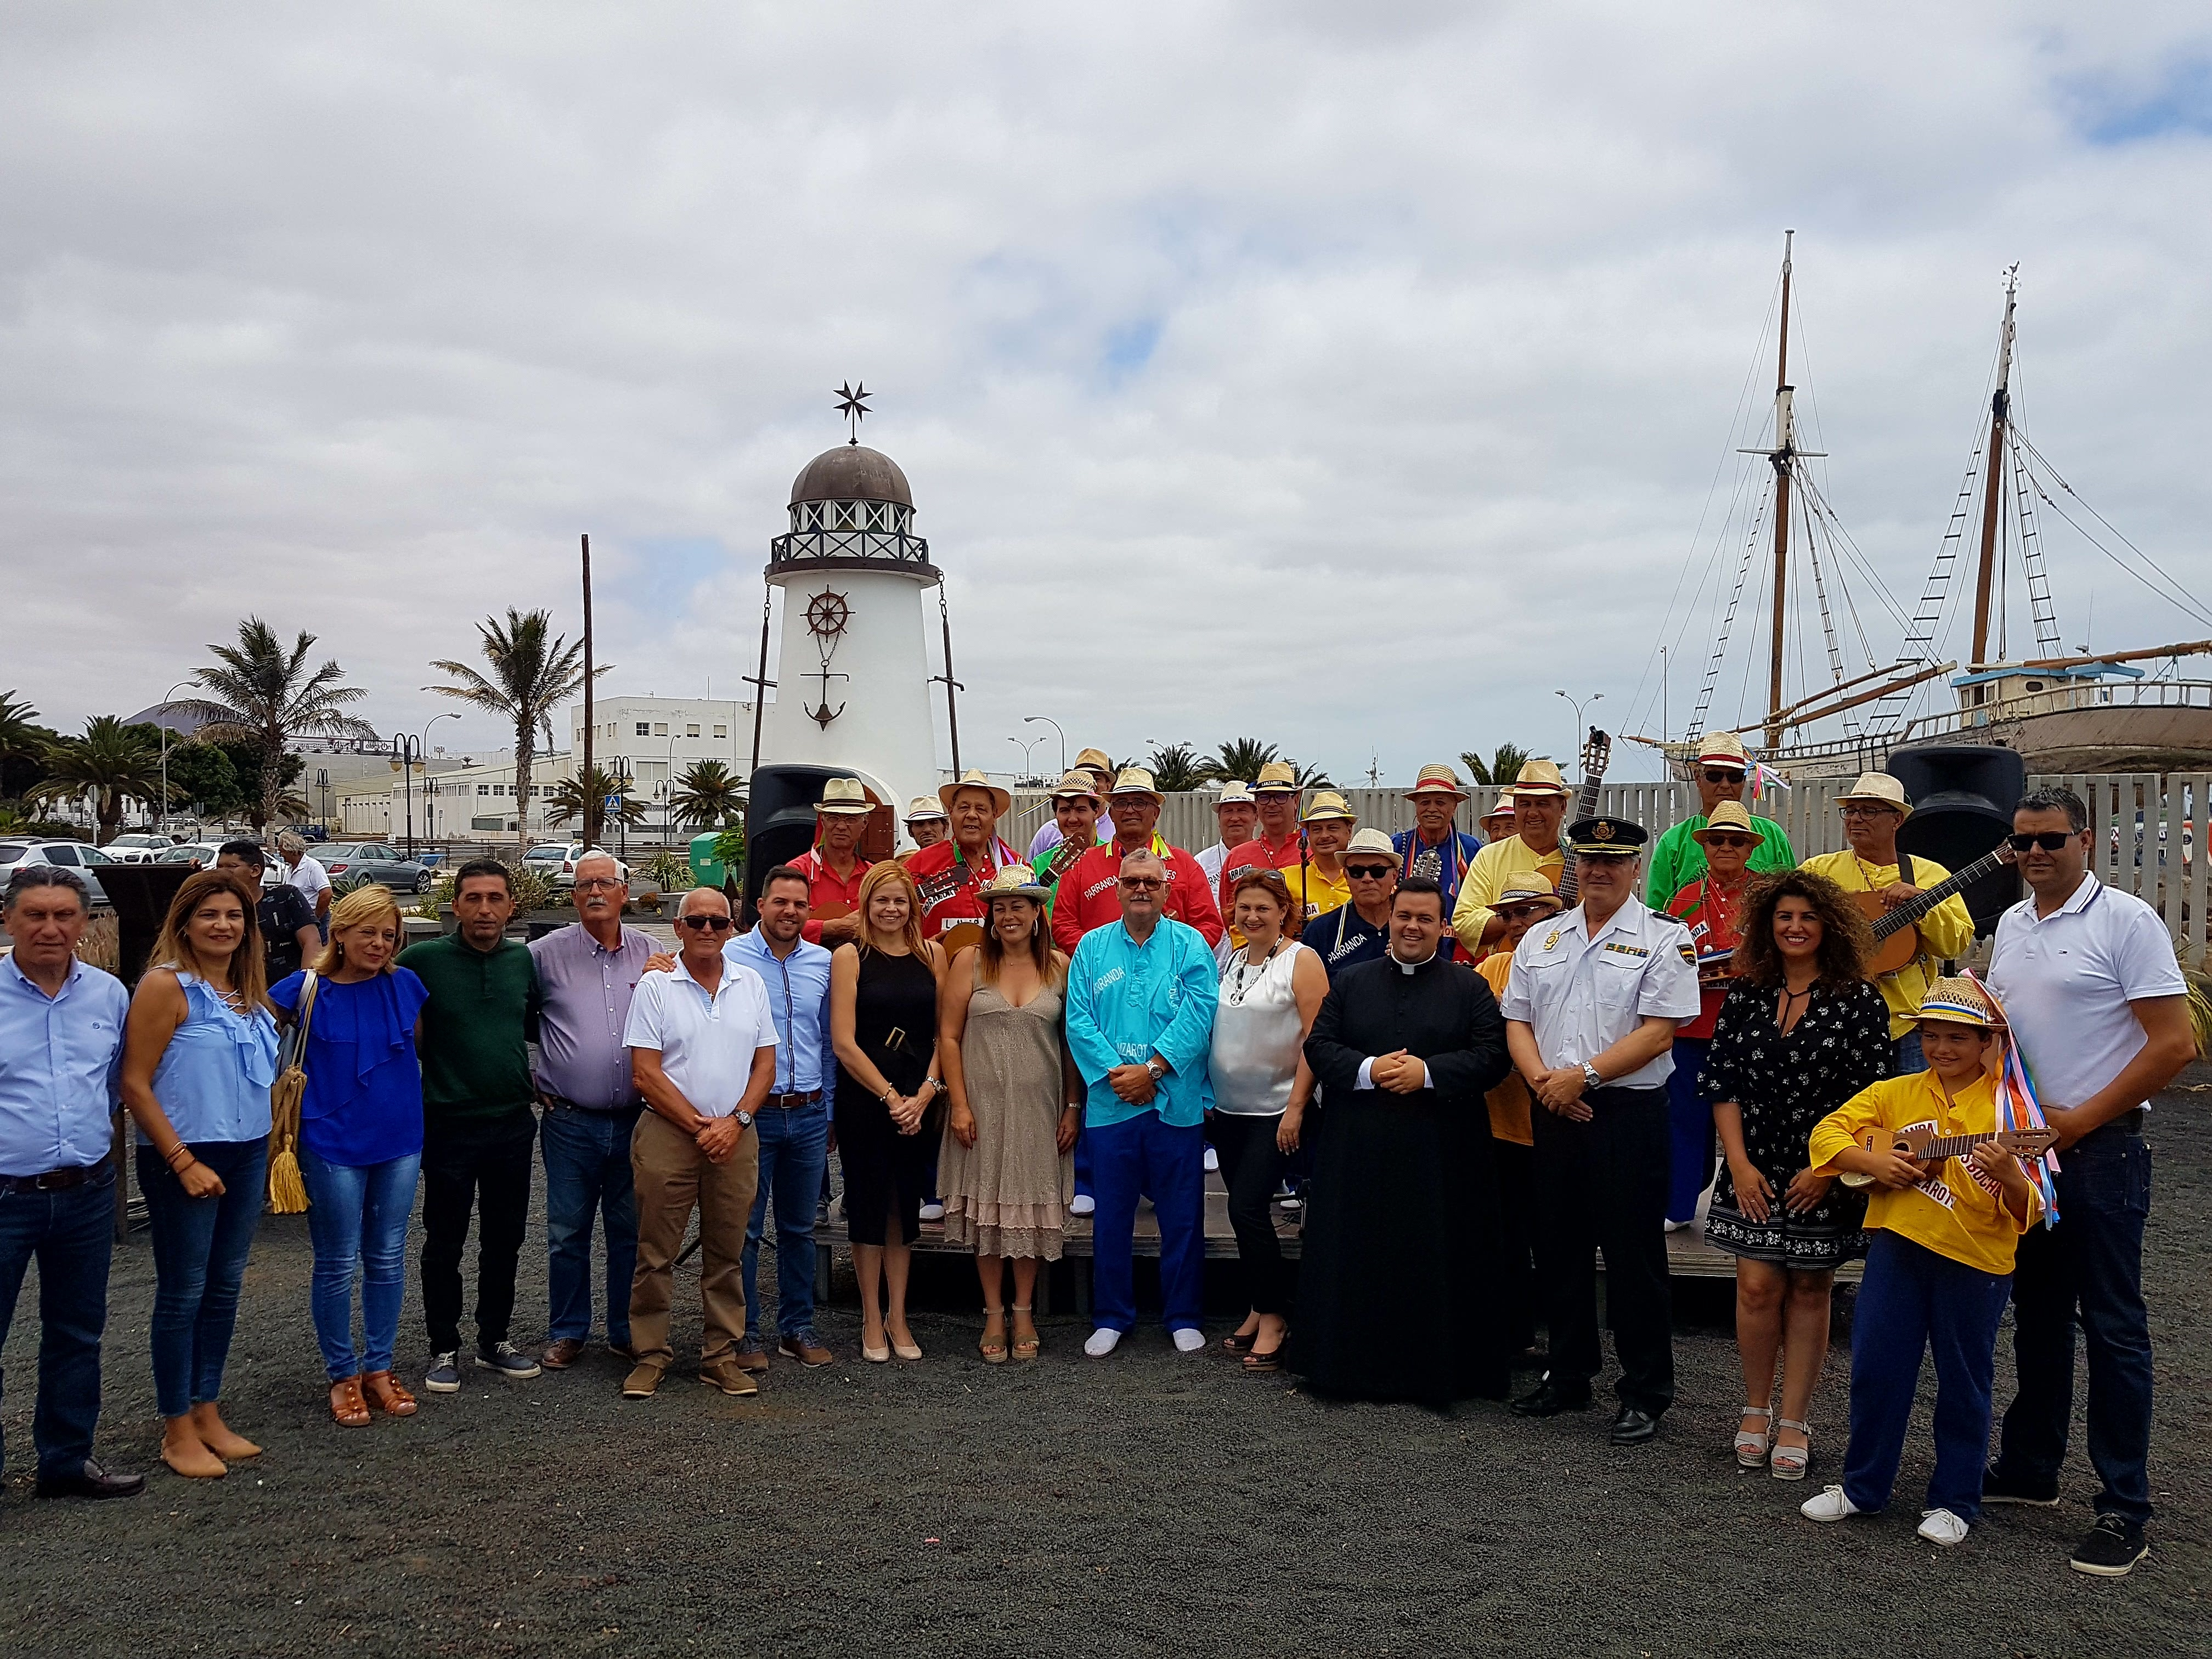 Arrecife recuerda a las víctimas del 'Cruz del Mar' en la celebración de la patrona del mar, la Virgen del Carmen